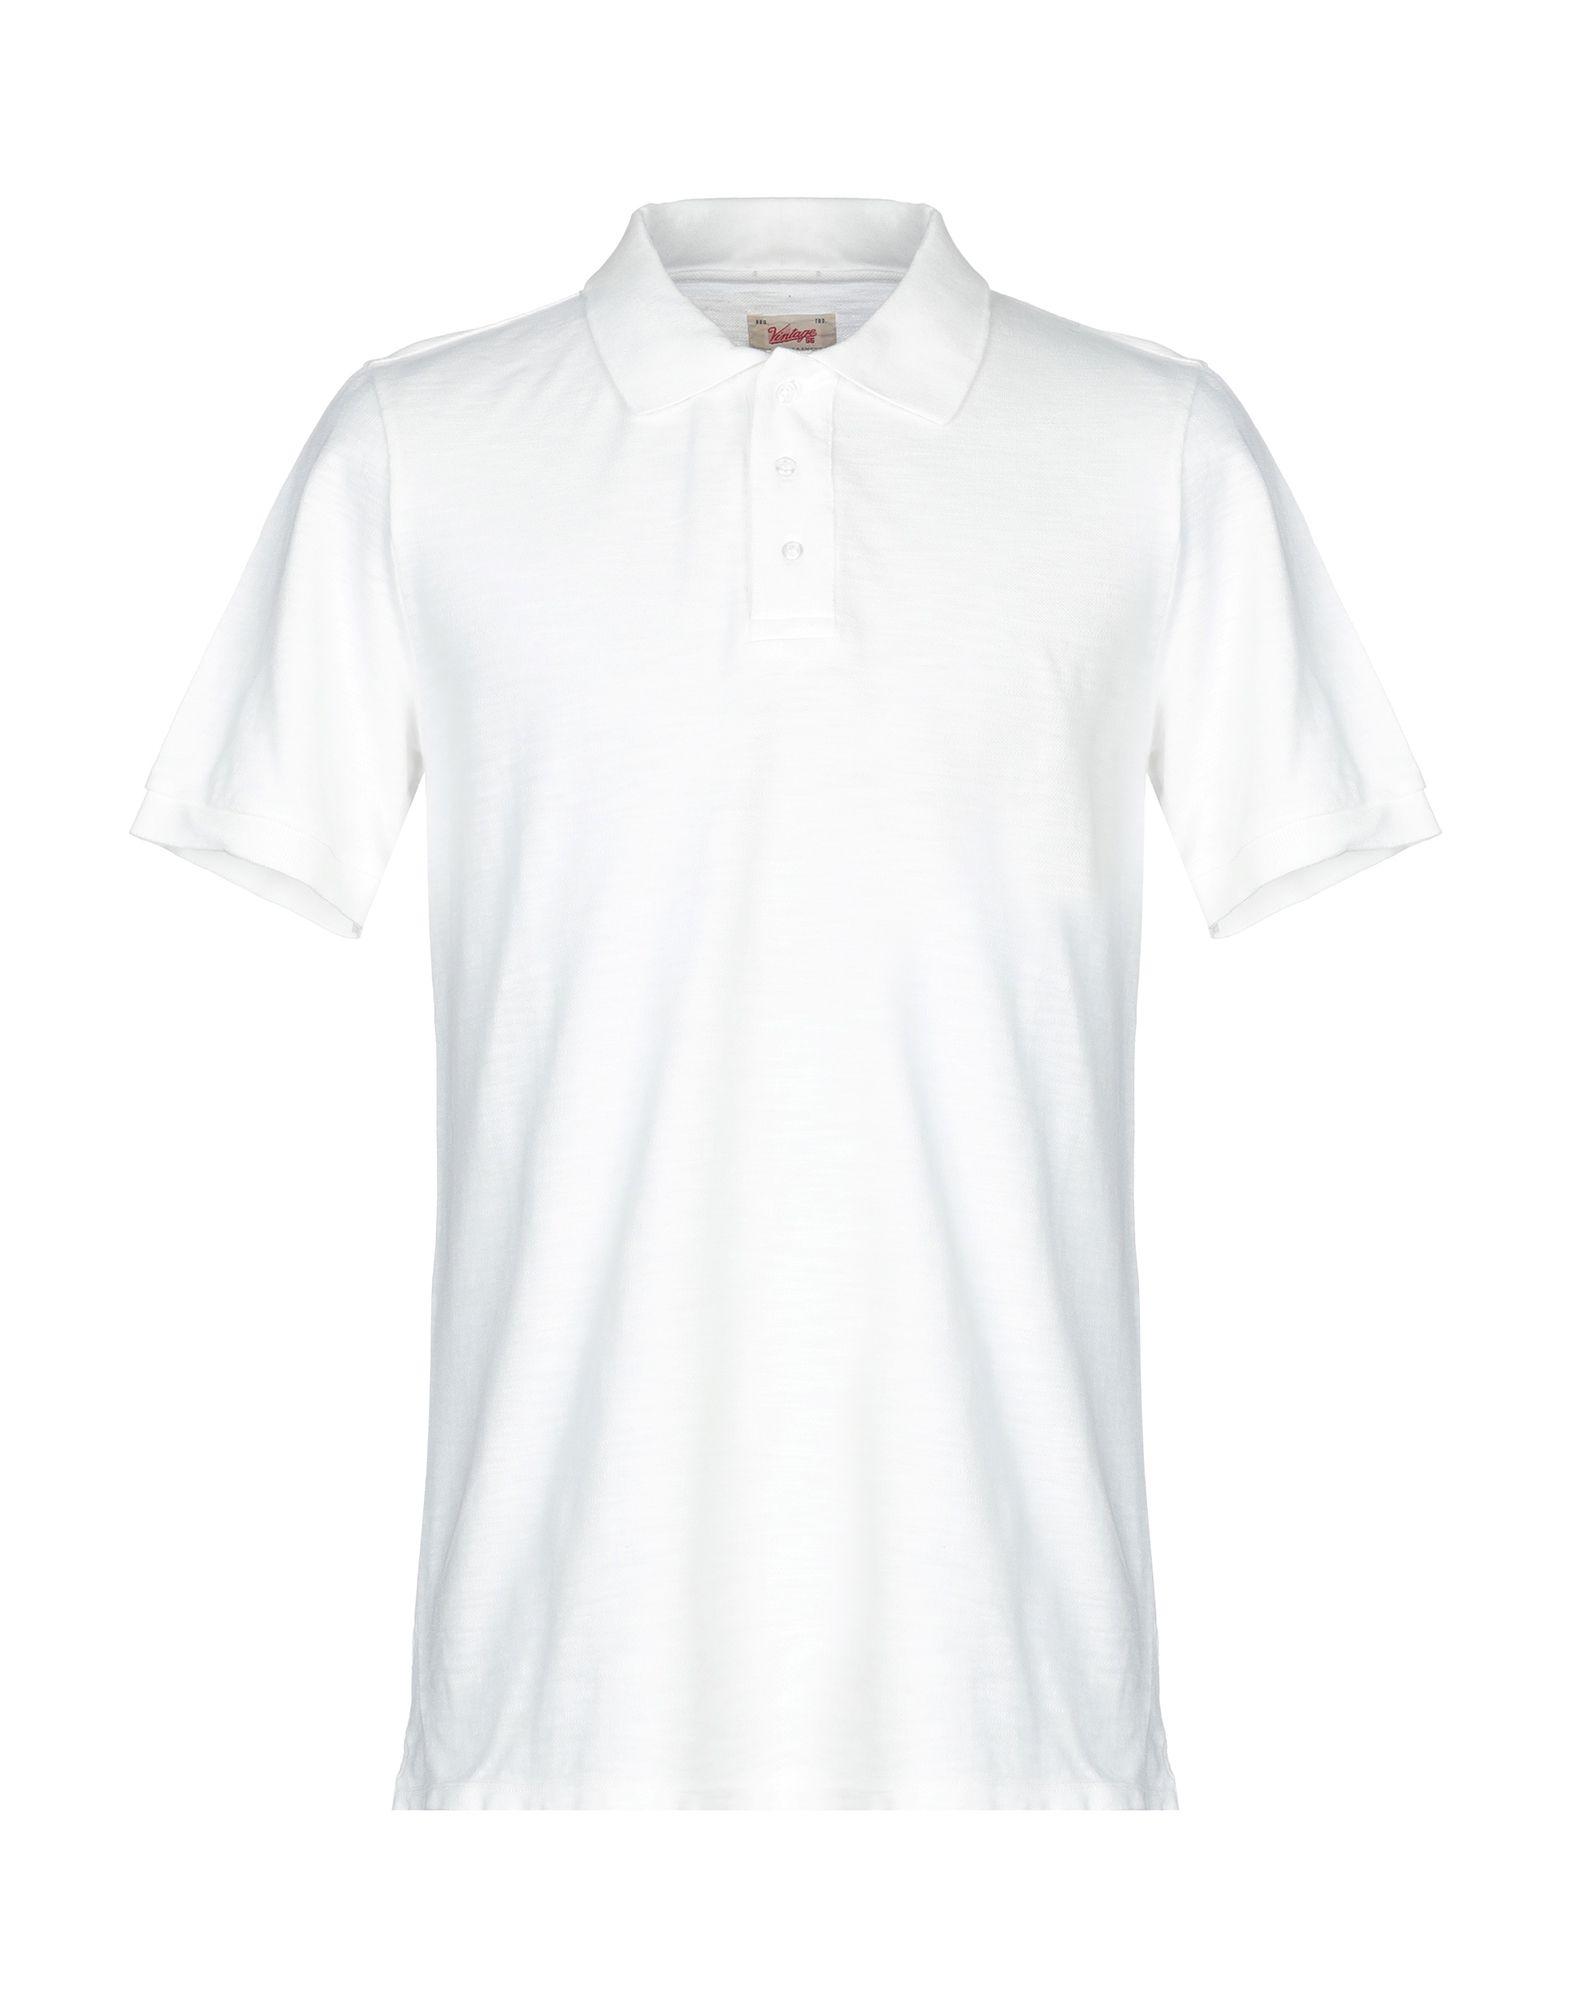 《送料無料》VINTAGE 55 メンズ ポロシャツ ホワイト S コットン 100%